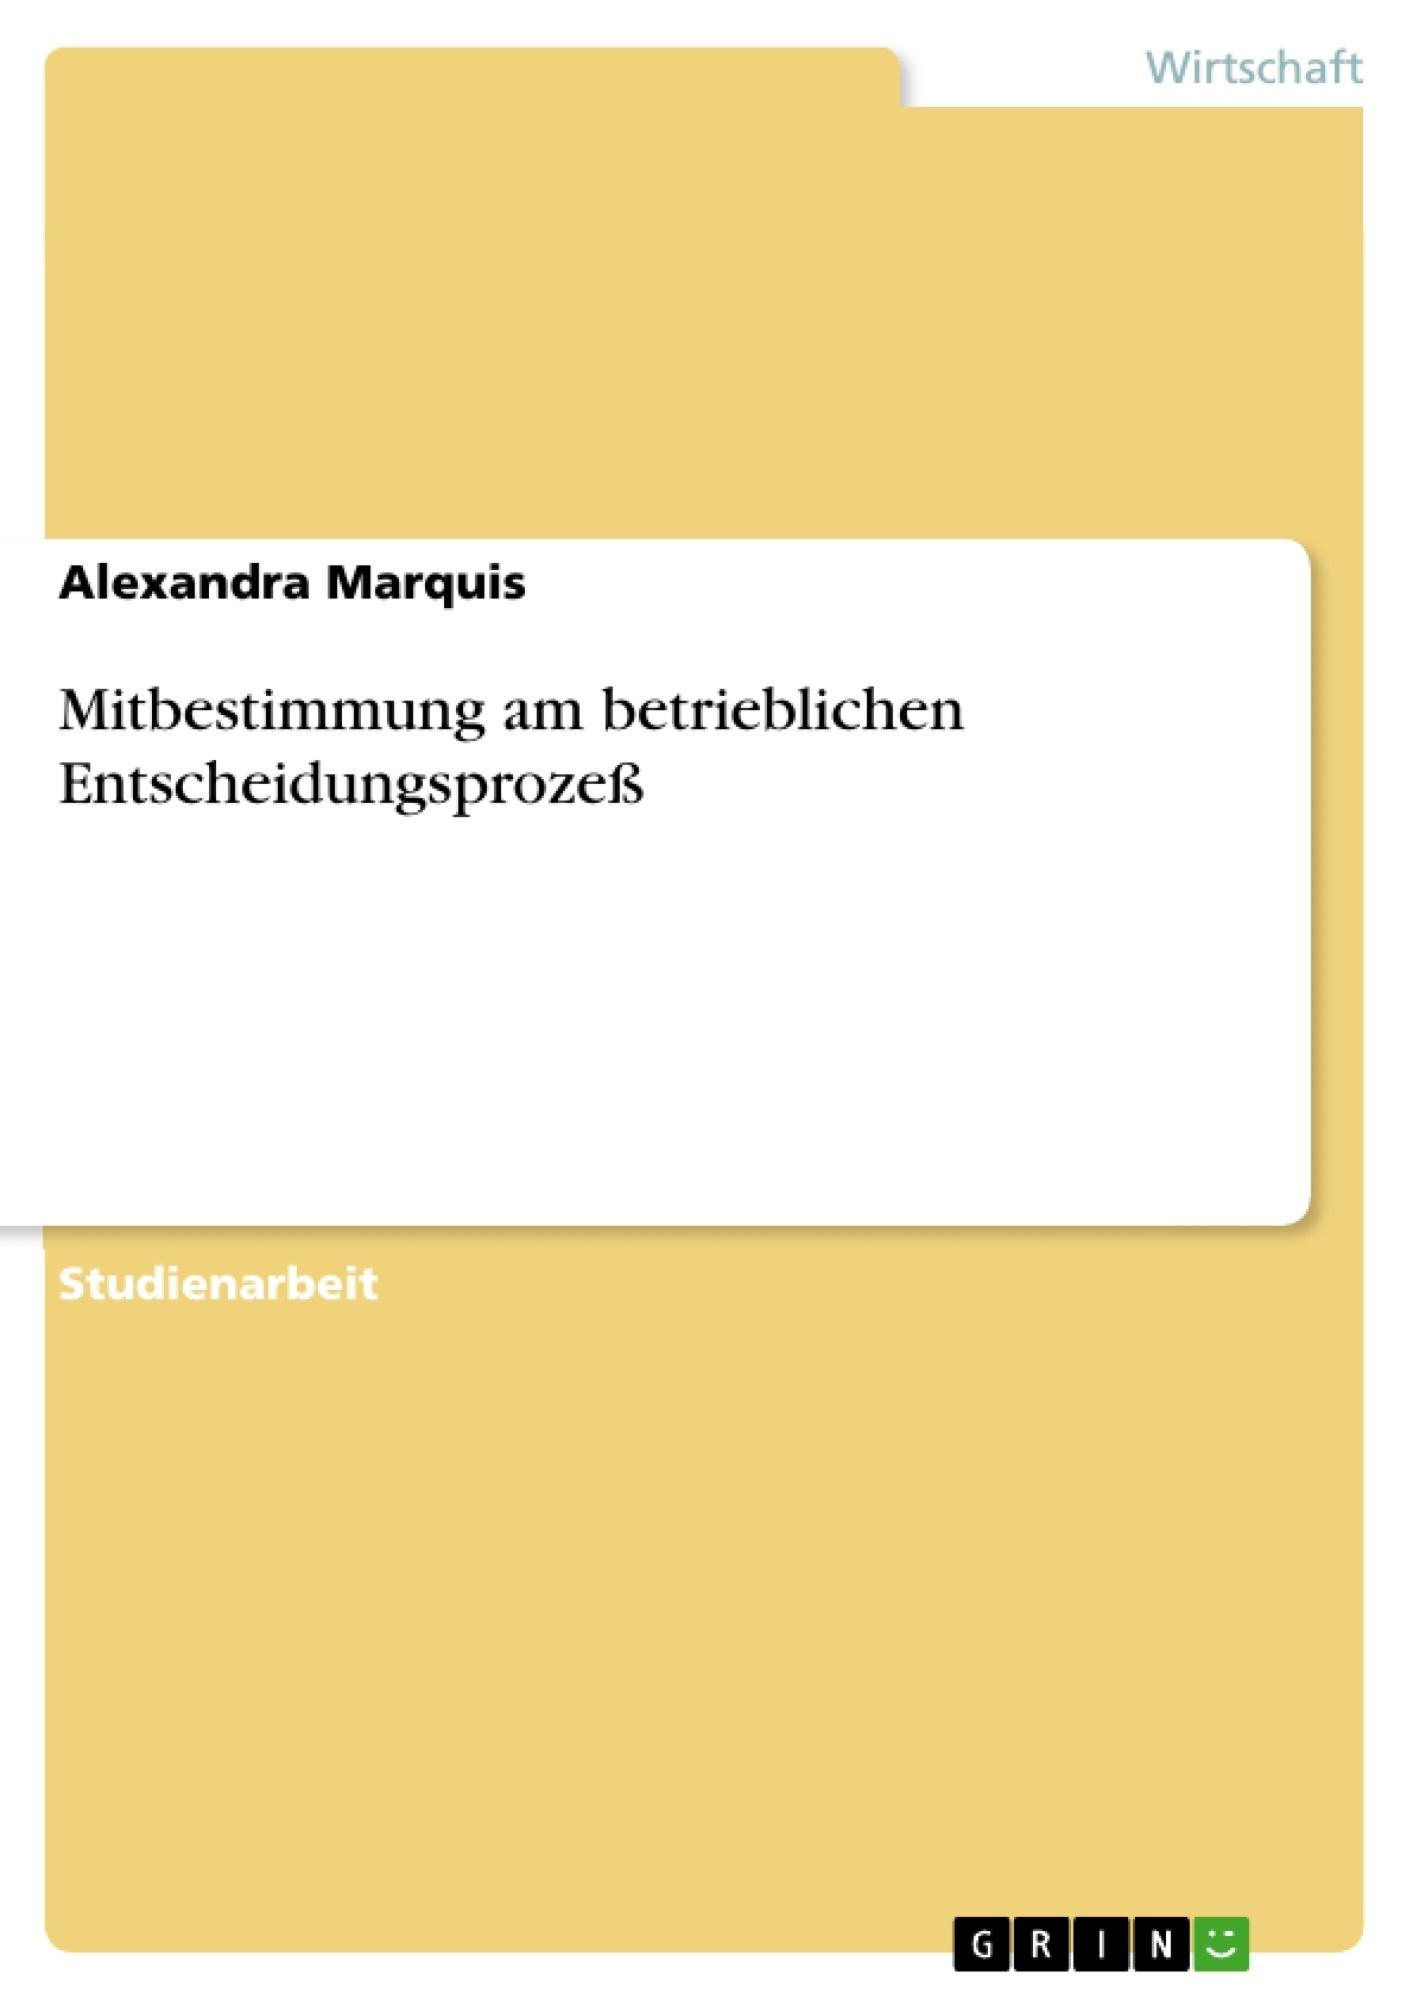 Titel: Mitbestimmung am betrieblichen Entscheidungsprozeß